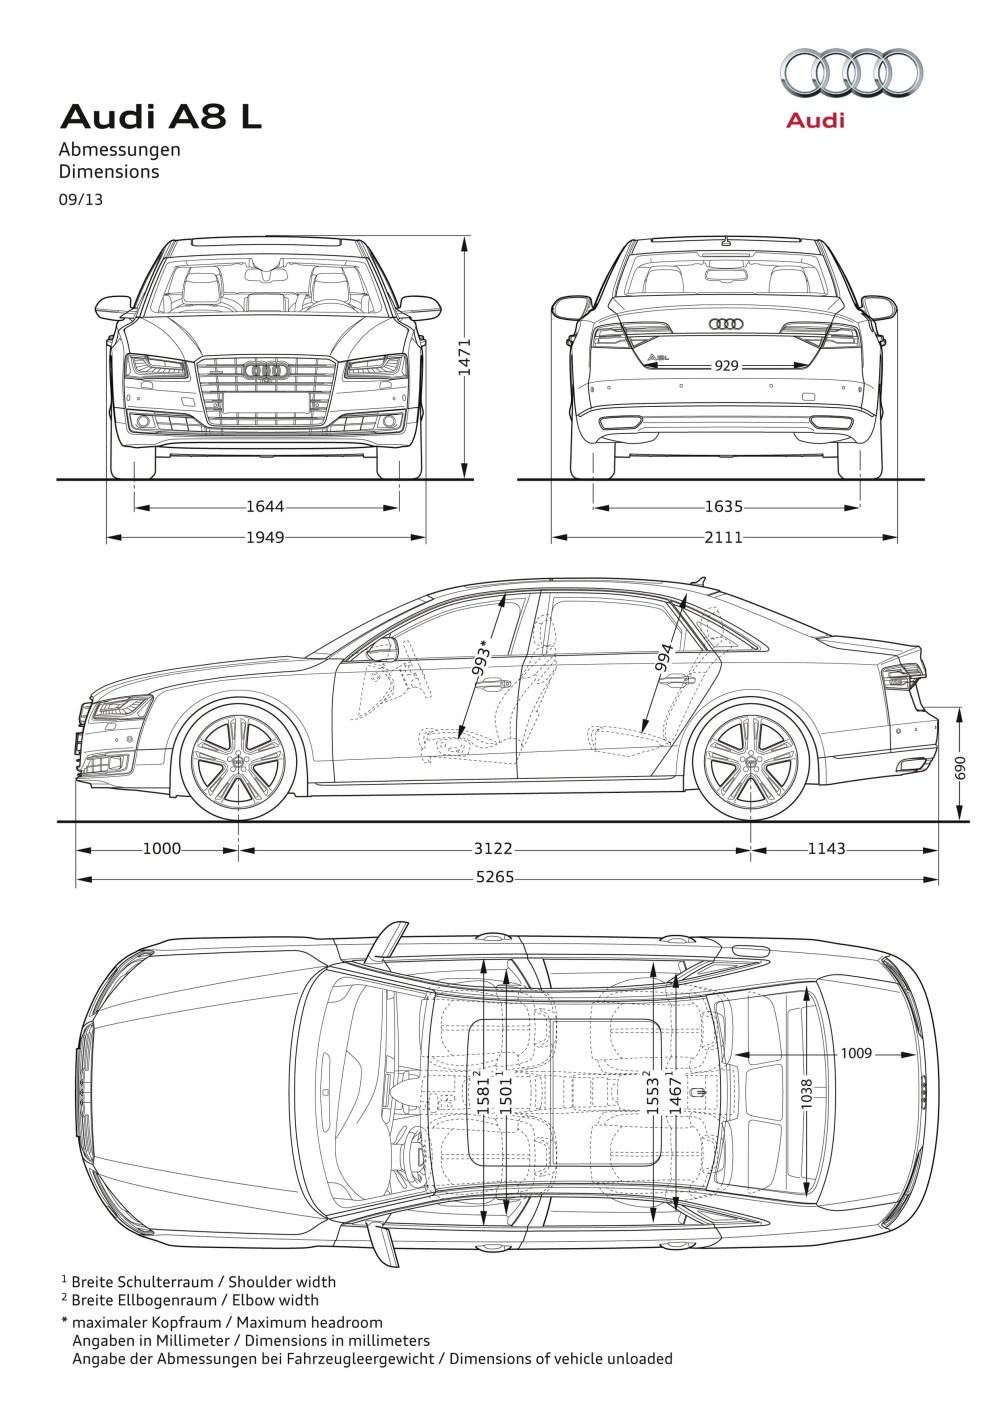 medium resolution of wrg 3813 audi w12 engine diagram2015 audi a8 l w12 top speed